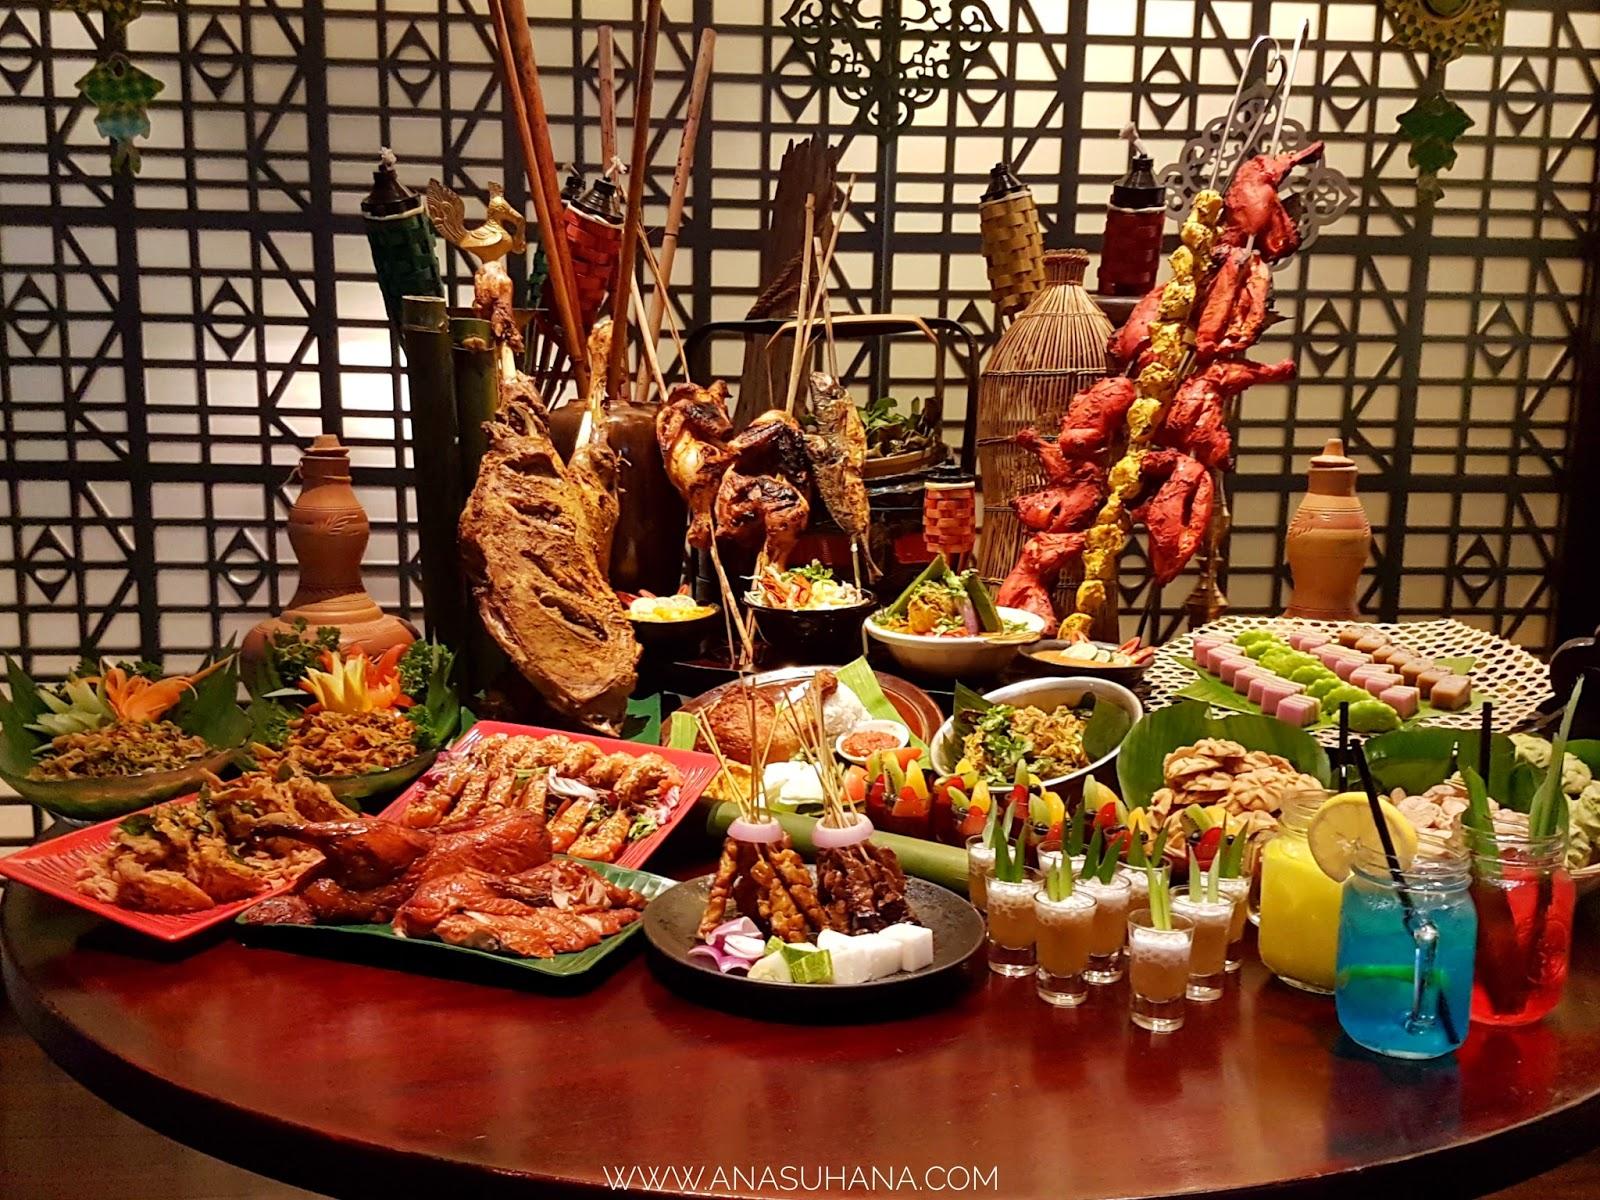 Jom Makan di DoubleTree by Hilton Kuala Lumpur | Menu Popular Pasar Malam untuk Juadah Berbuka Puasa